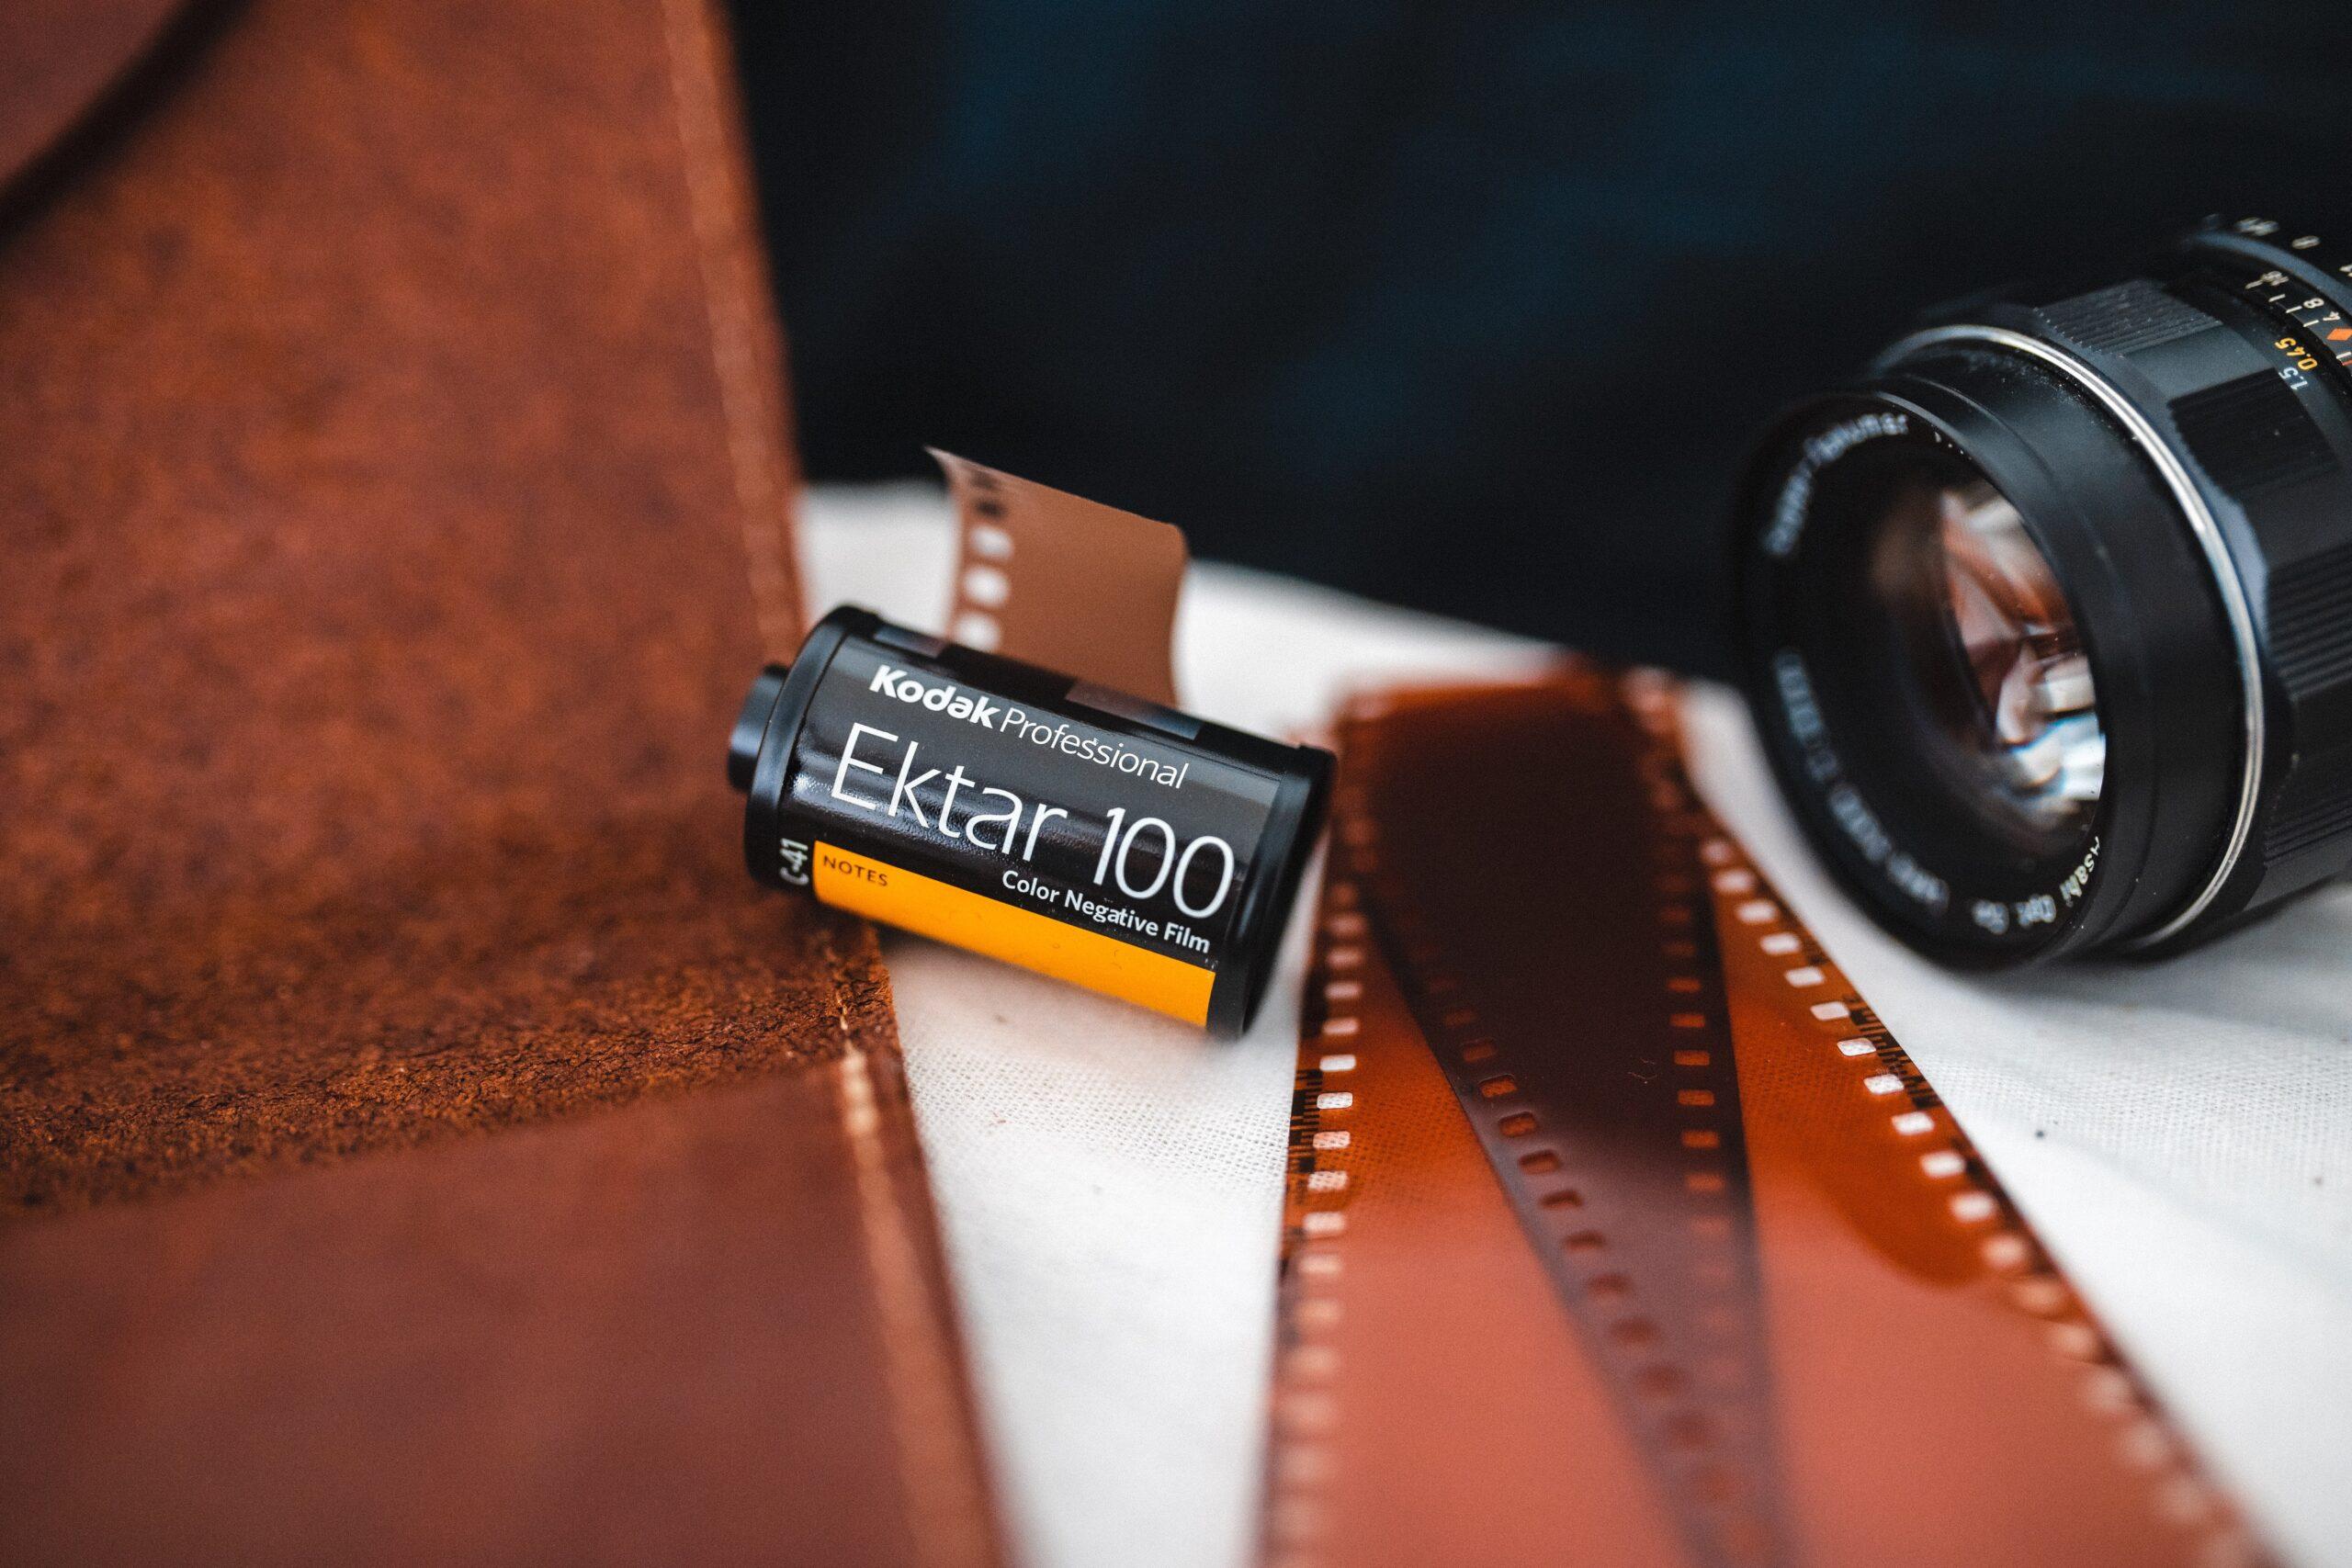 Ektar-100